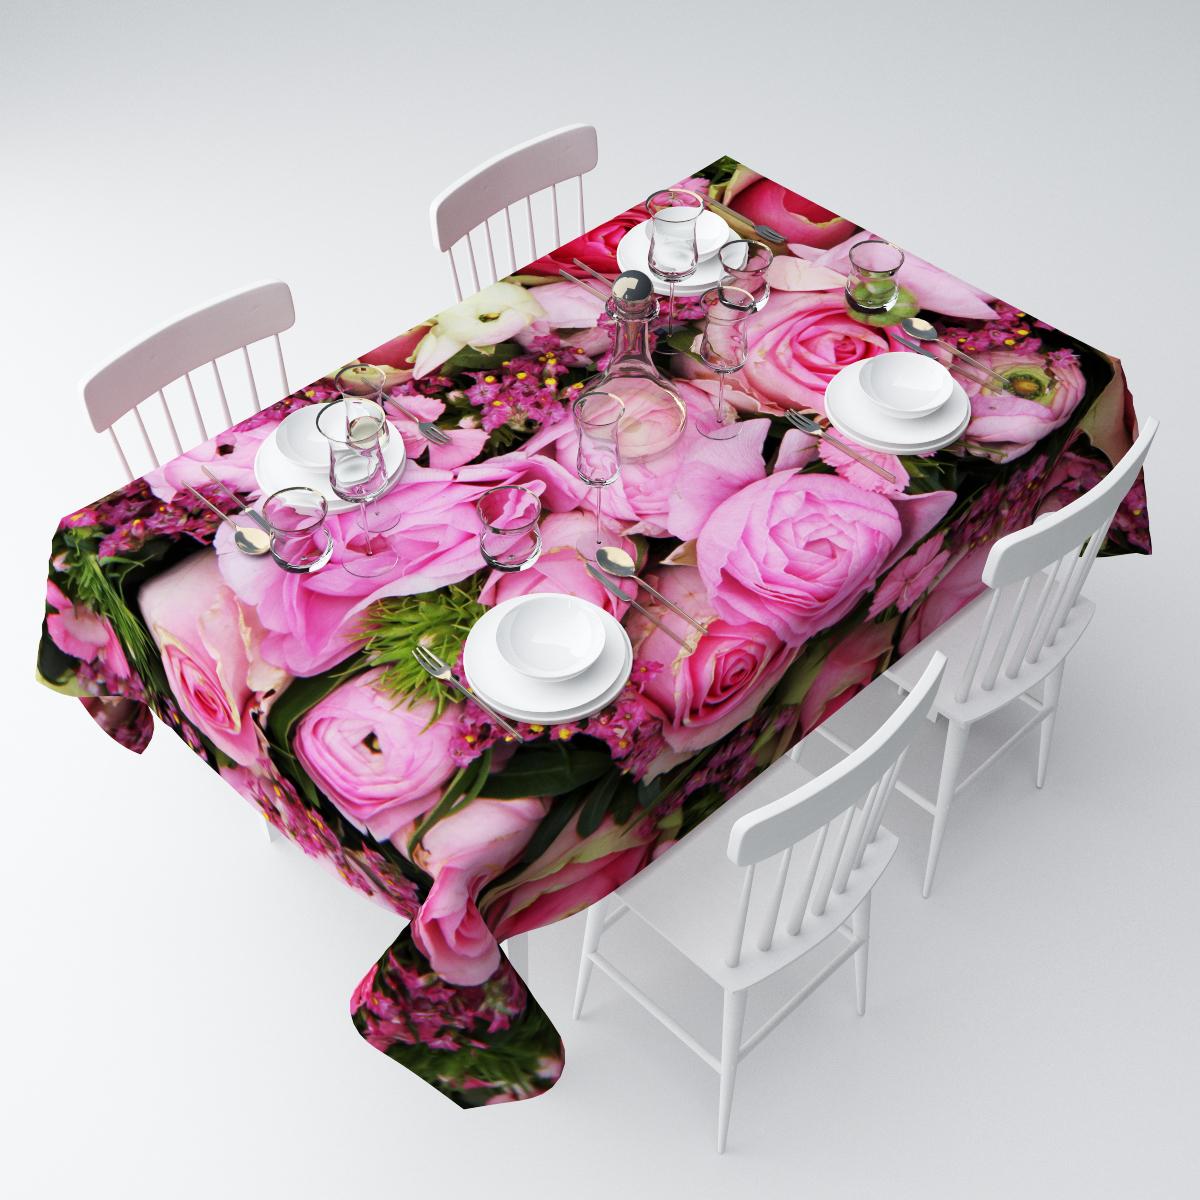 Скатерть Сирень Розовое счастье, прямоугольная, 145 х 220 смСКГБ004-09186Прямоугольная скатерть Сирень Розовое счастье, выполненная изгабардина с ярким рисунком, преобразит вашу кухню, визуальнорасширит пространство, создаст атмосферу радости и комфорта.Рекомендации по уходу: стирка при 30 градусах, гладить при температуре до 110градусов. Размер скатерти: 145 х 220 см.Изображение может немного отличаться от реального.